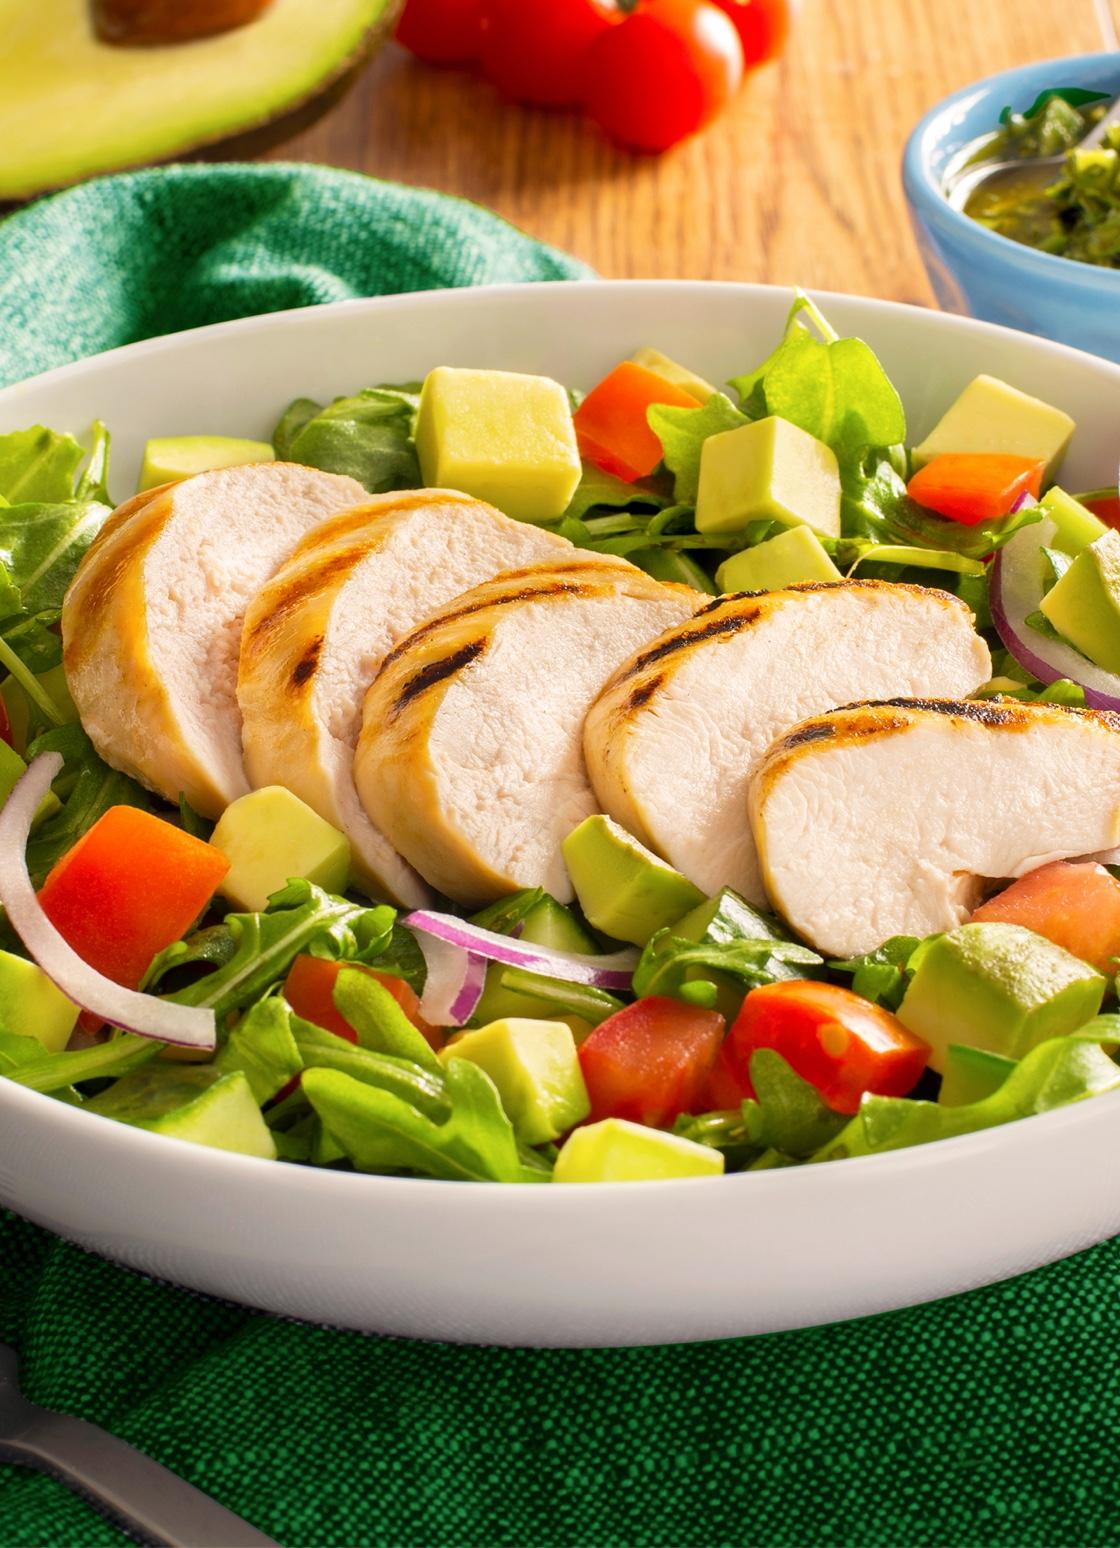 Un bol de salade composée de légumes feuilles, de tomates, d'avocat et d'oignon rouge, le tout garni d'épaisses tranches de poulet grillé.